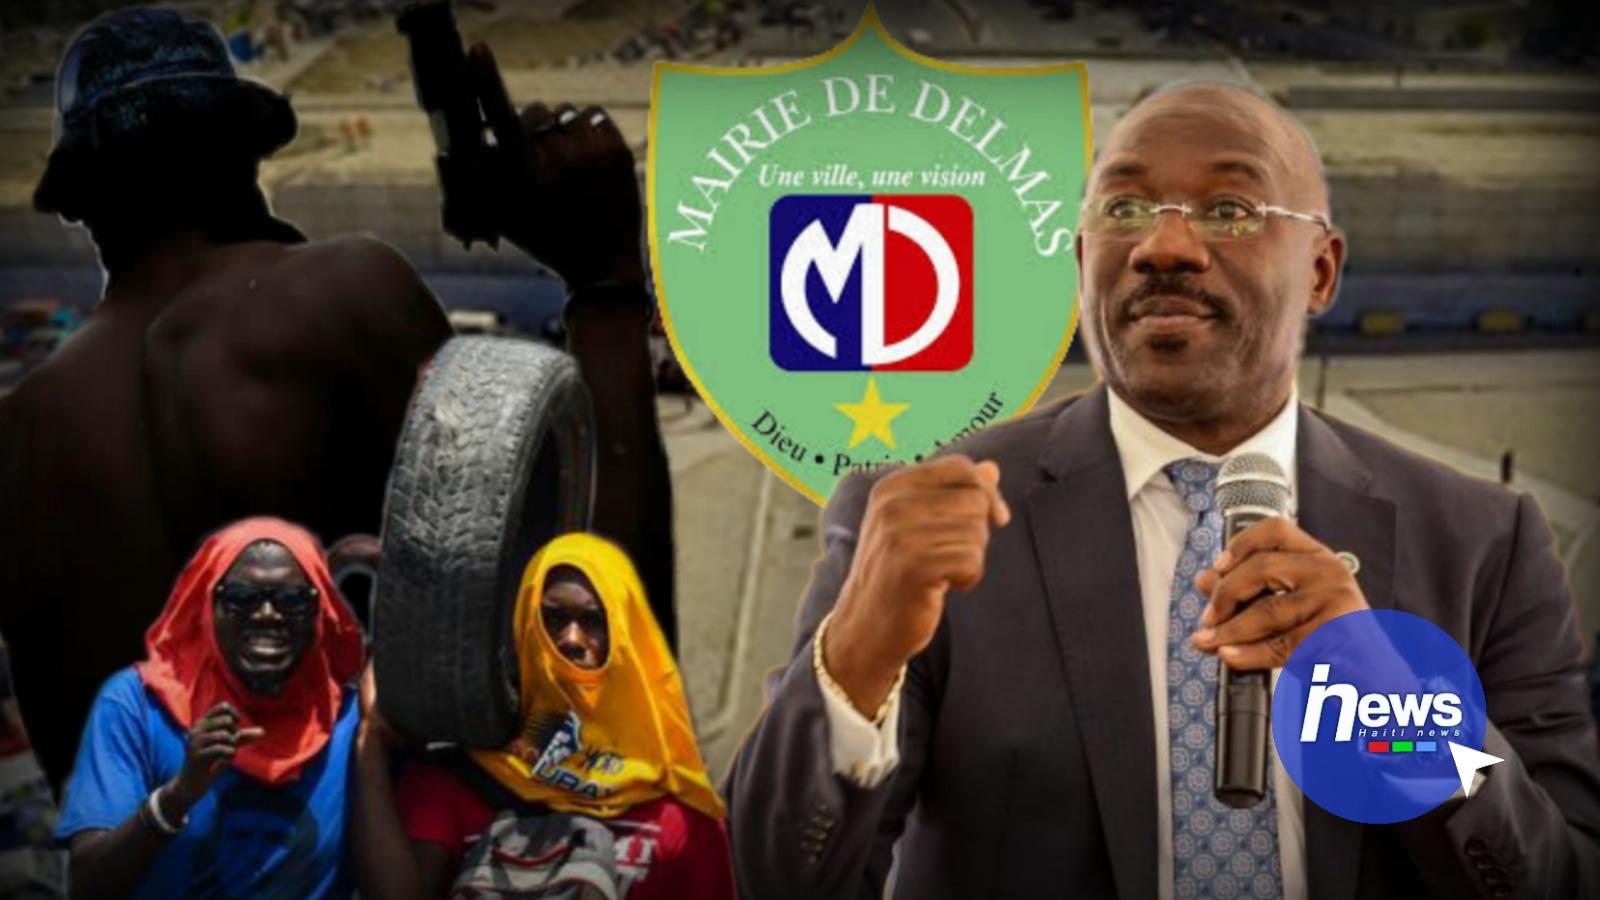 La commune de Delmas deviendra-t-elle une zone de non-droit ?